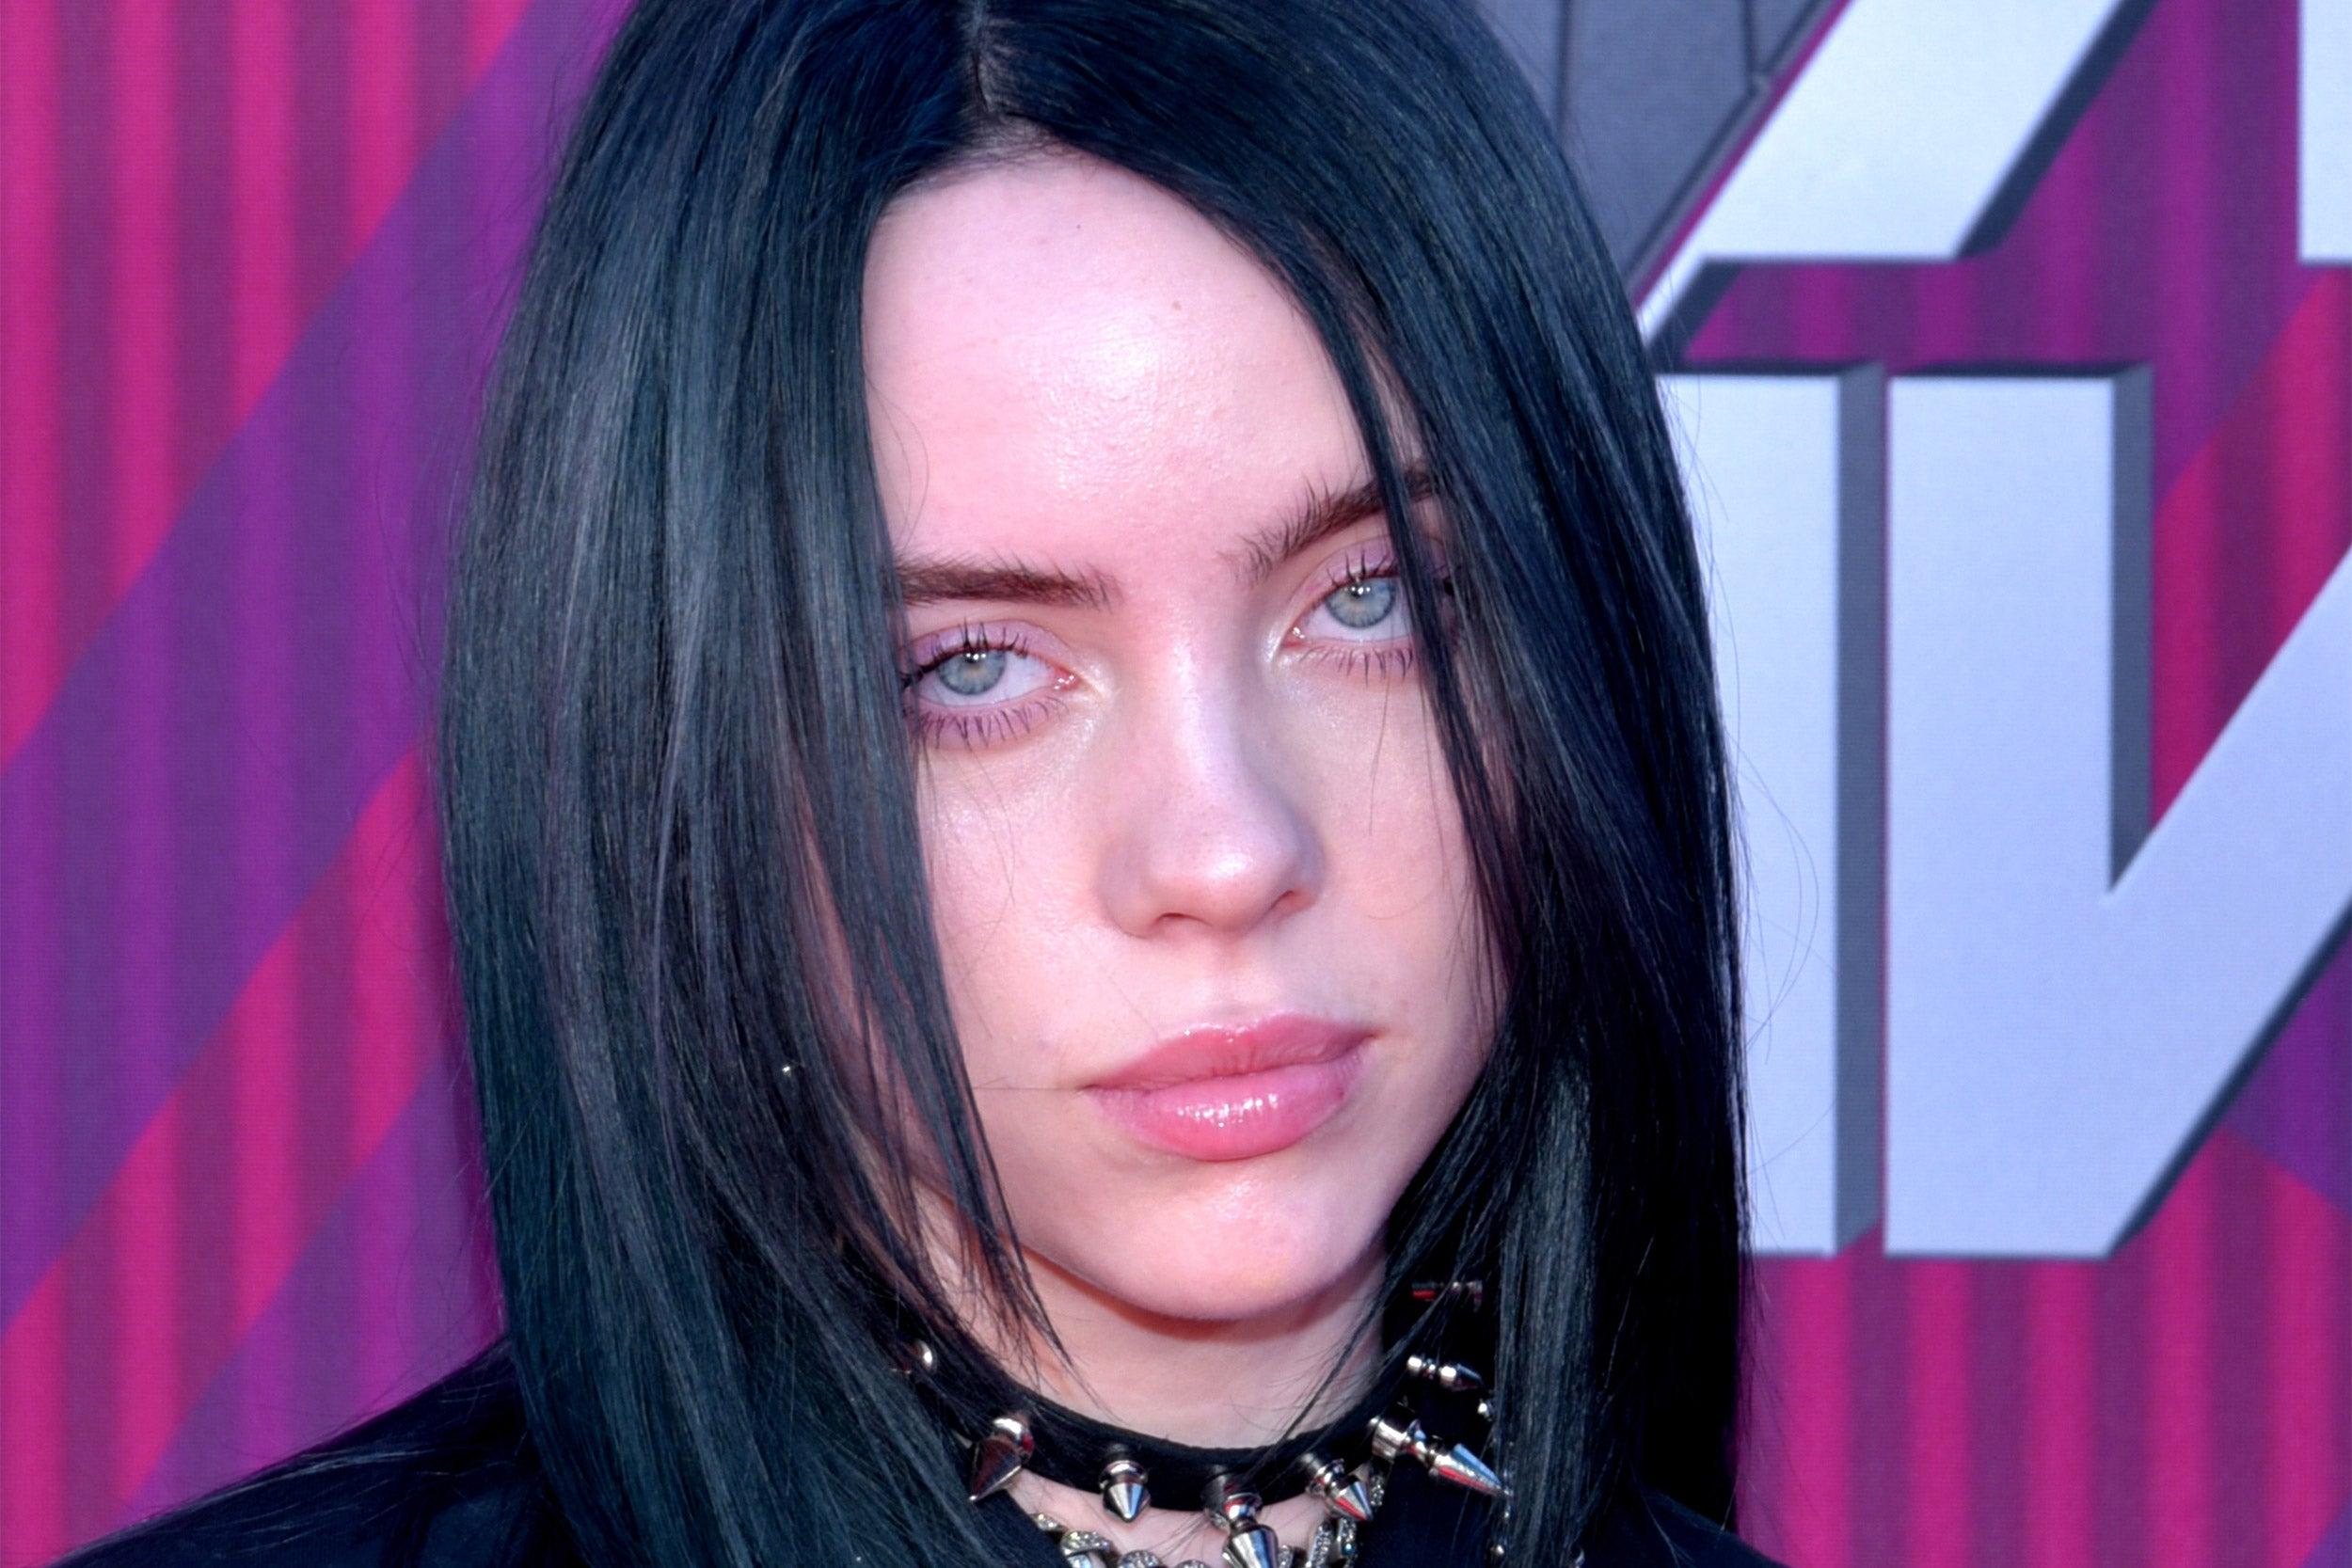 Singer Billie Eilish